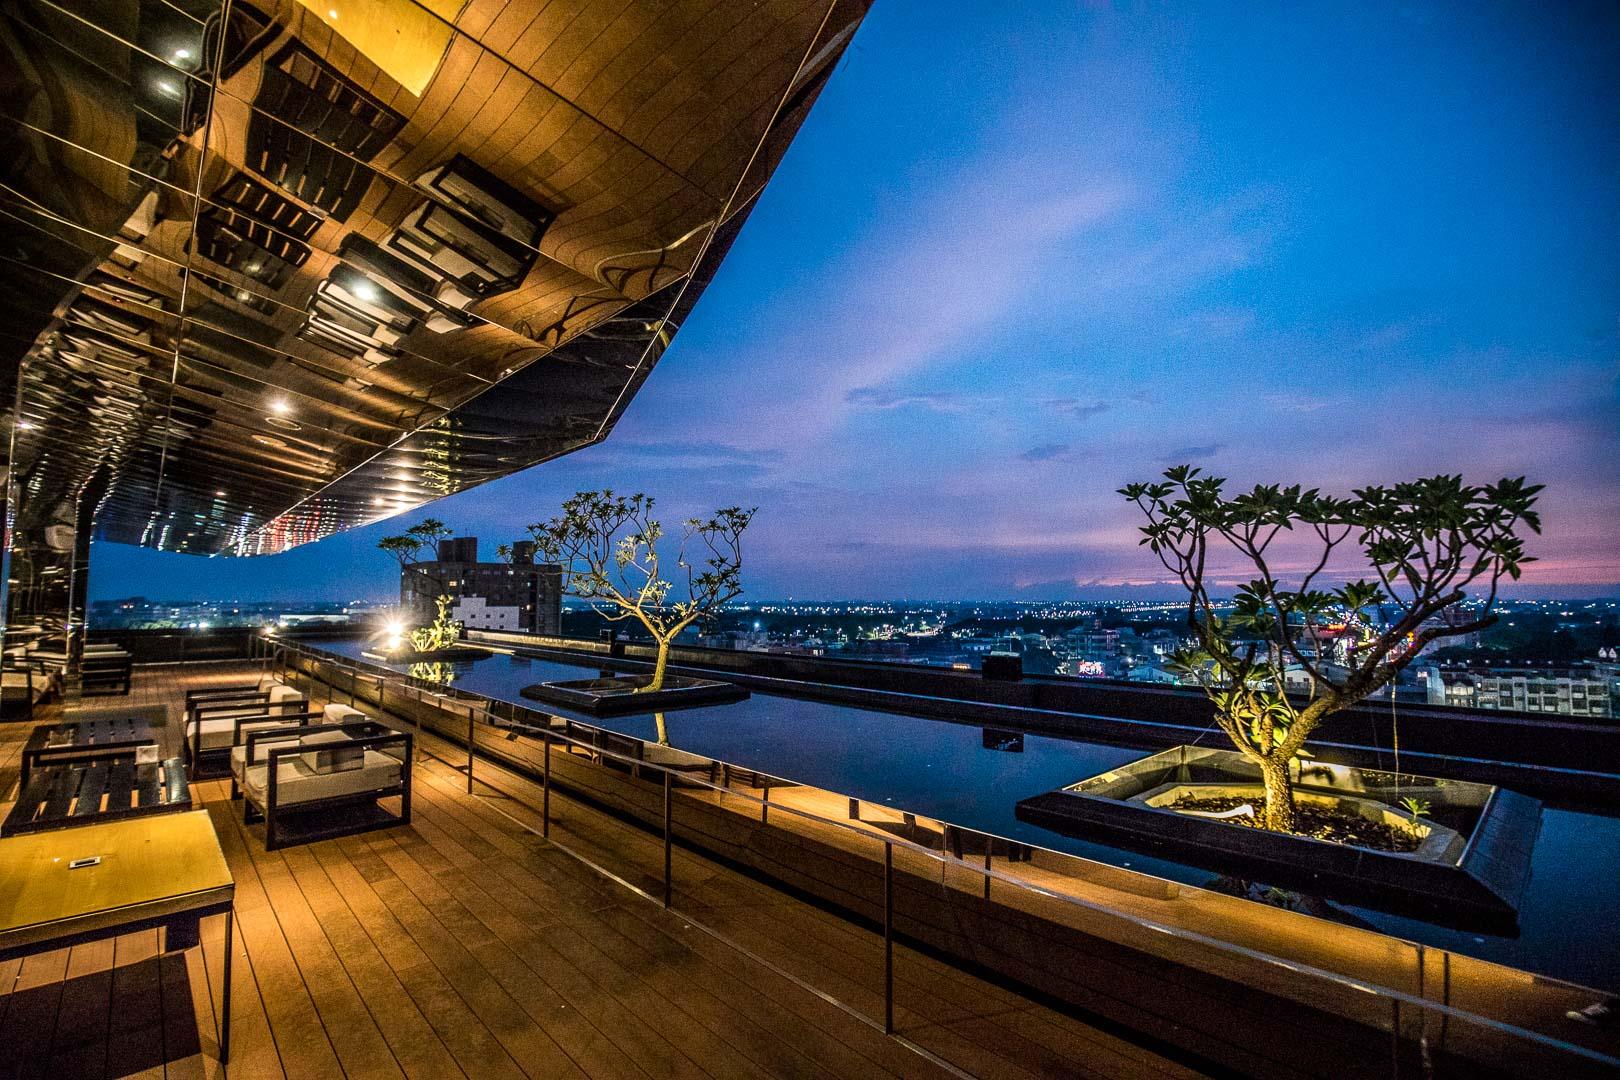 嘉義飯店 》嘉楠風華酒店,超美270度高空夜景酒吧,兩層樓超大溜滑梯獨棟親子遊樂園